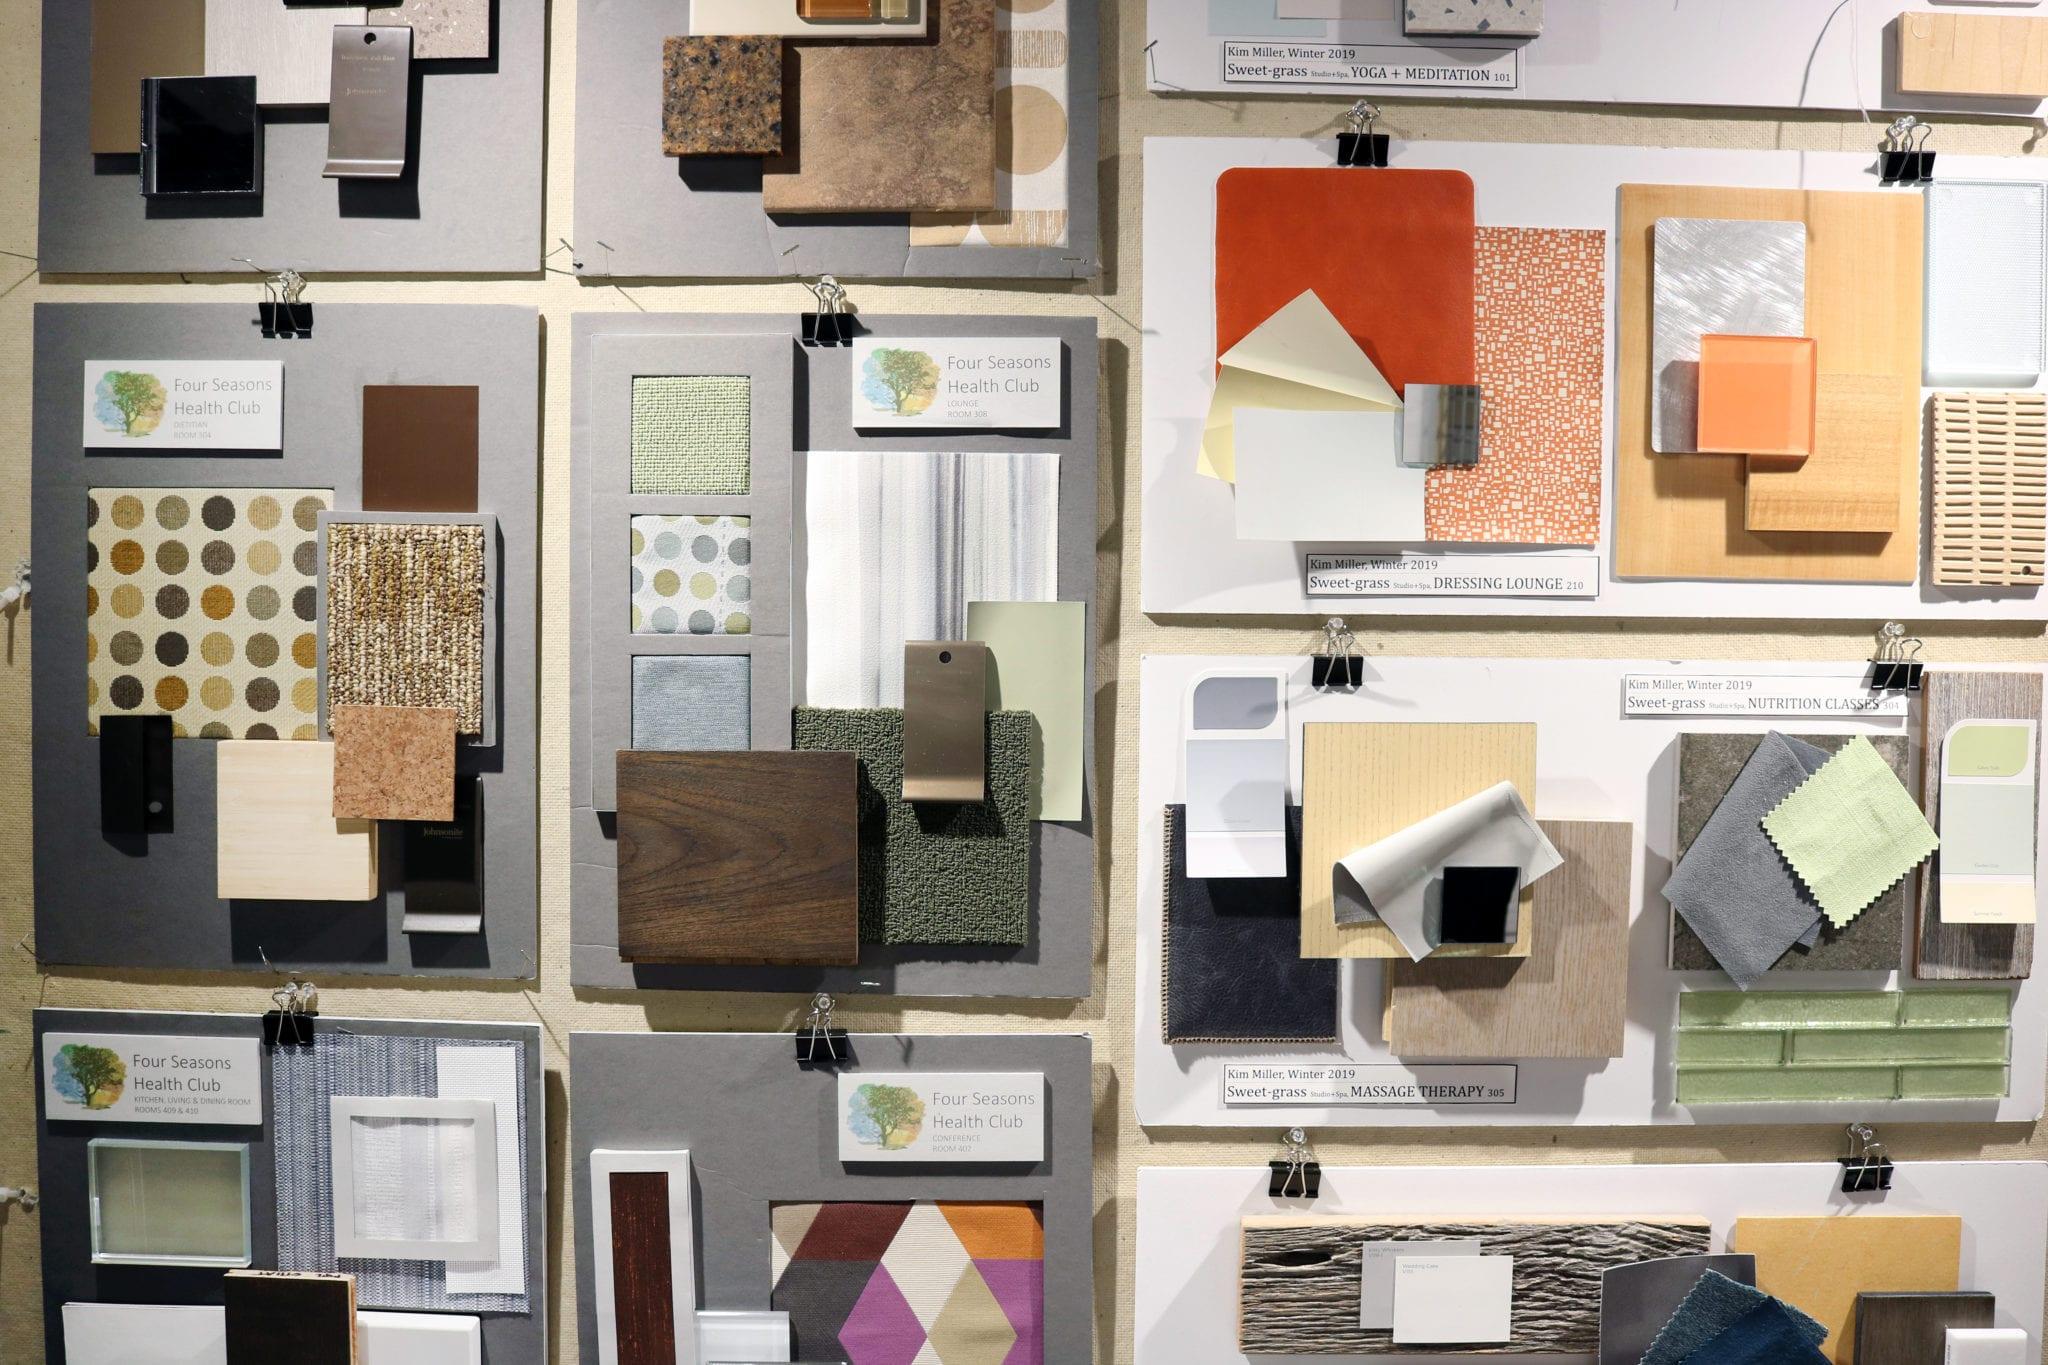 exhibit from interior design showcase